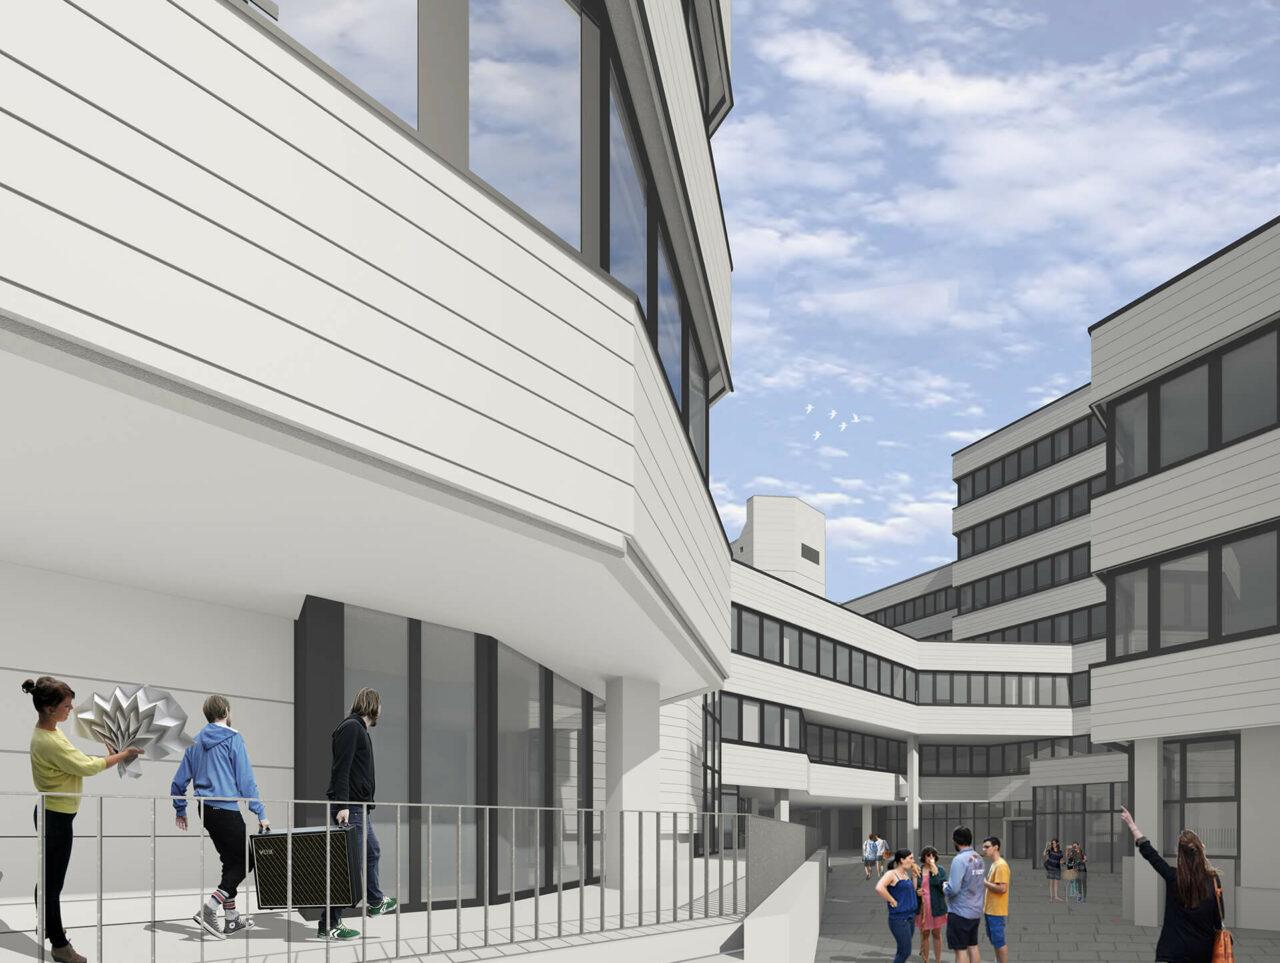 Universität Siegen Modernisierung Sanierung Rendering Ansicht